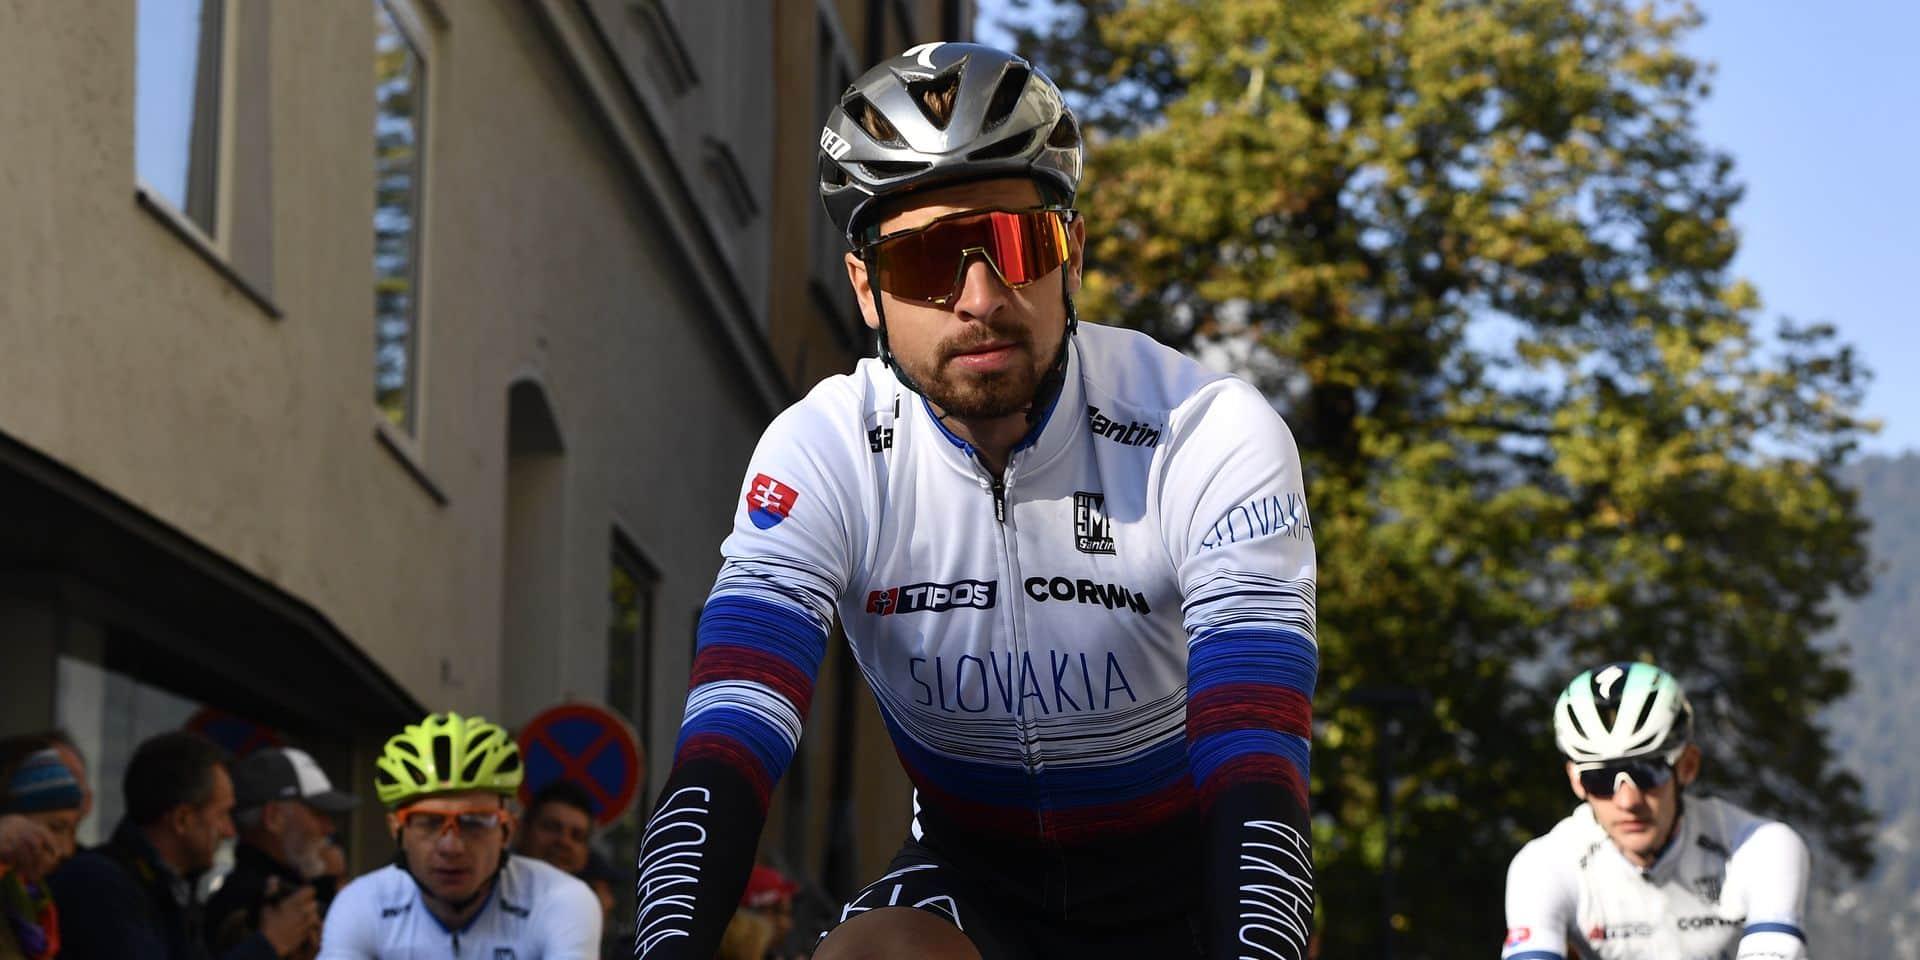 Fin de règne pour Sagan ?